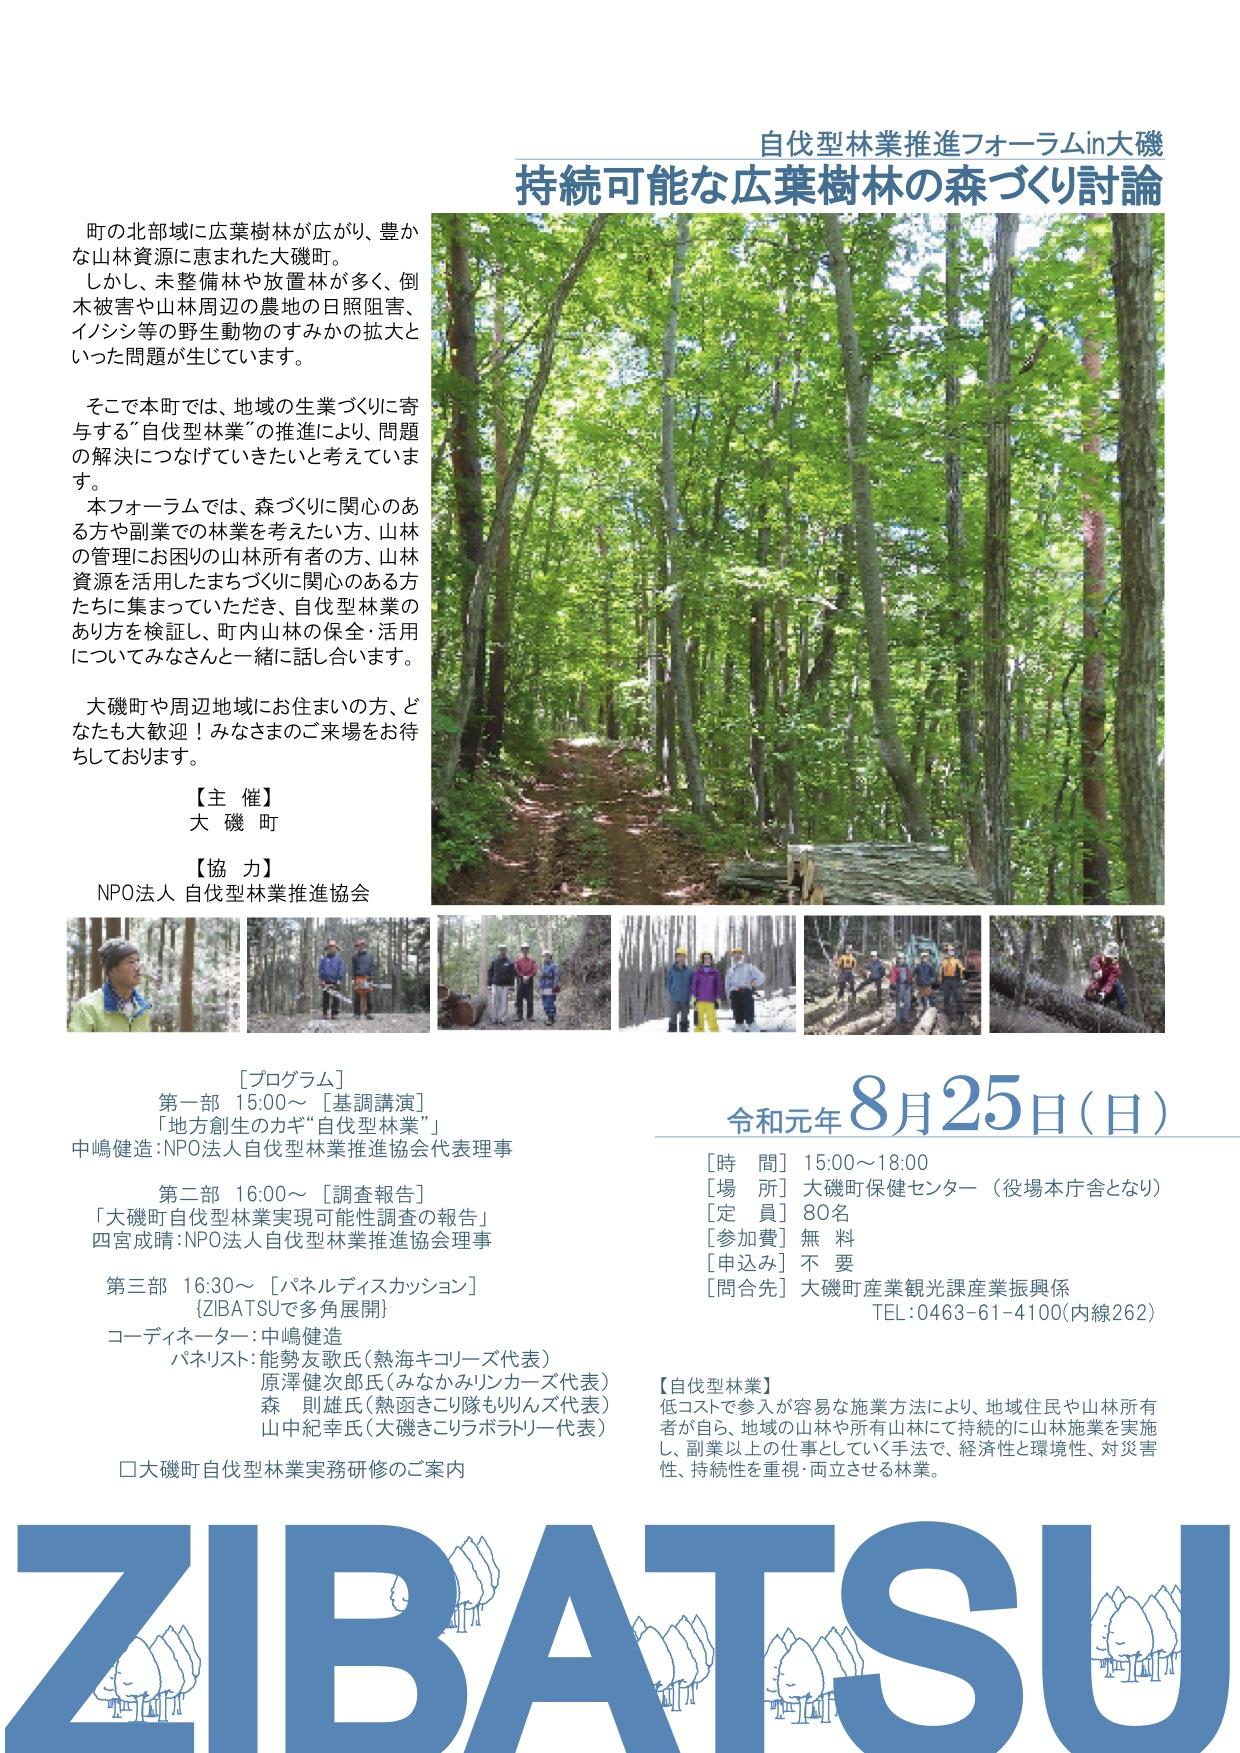 神奈川県で開催!8月25日に「自伐型林業推進フォーラムin大磯」